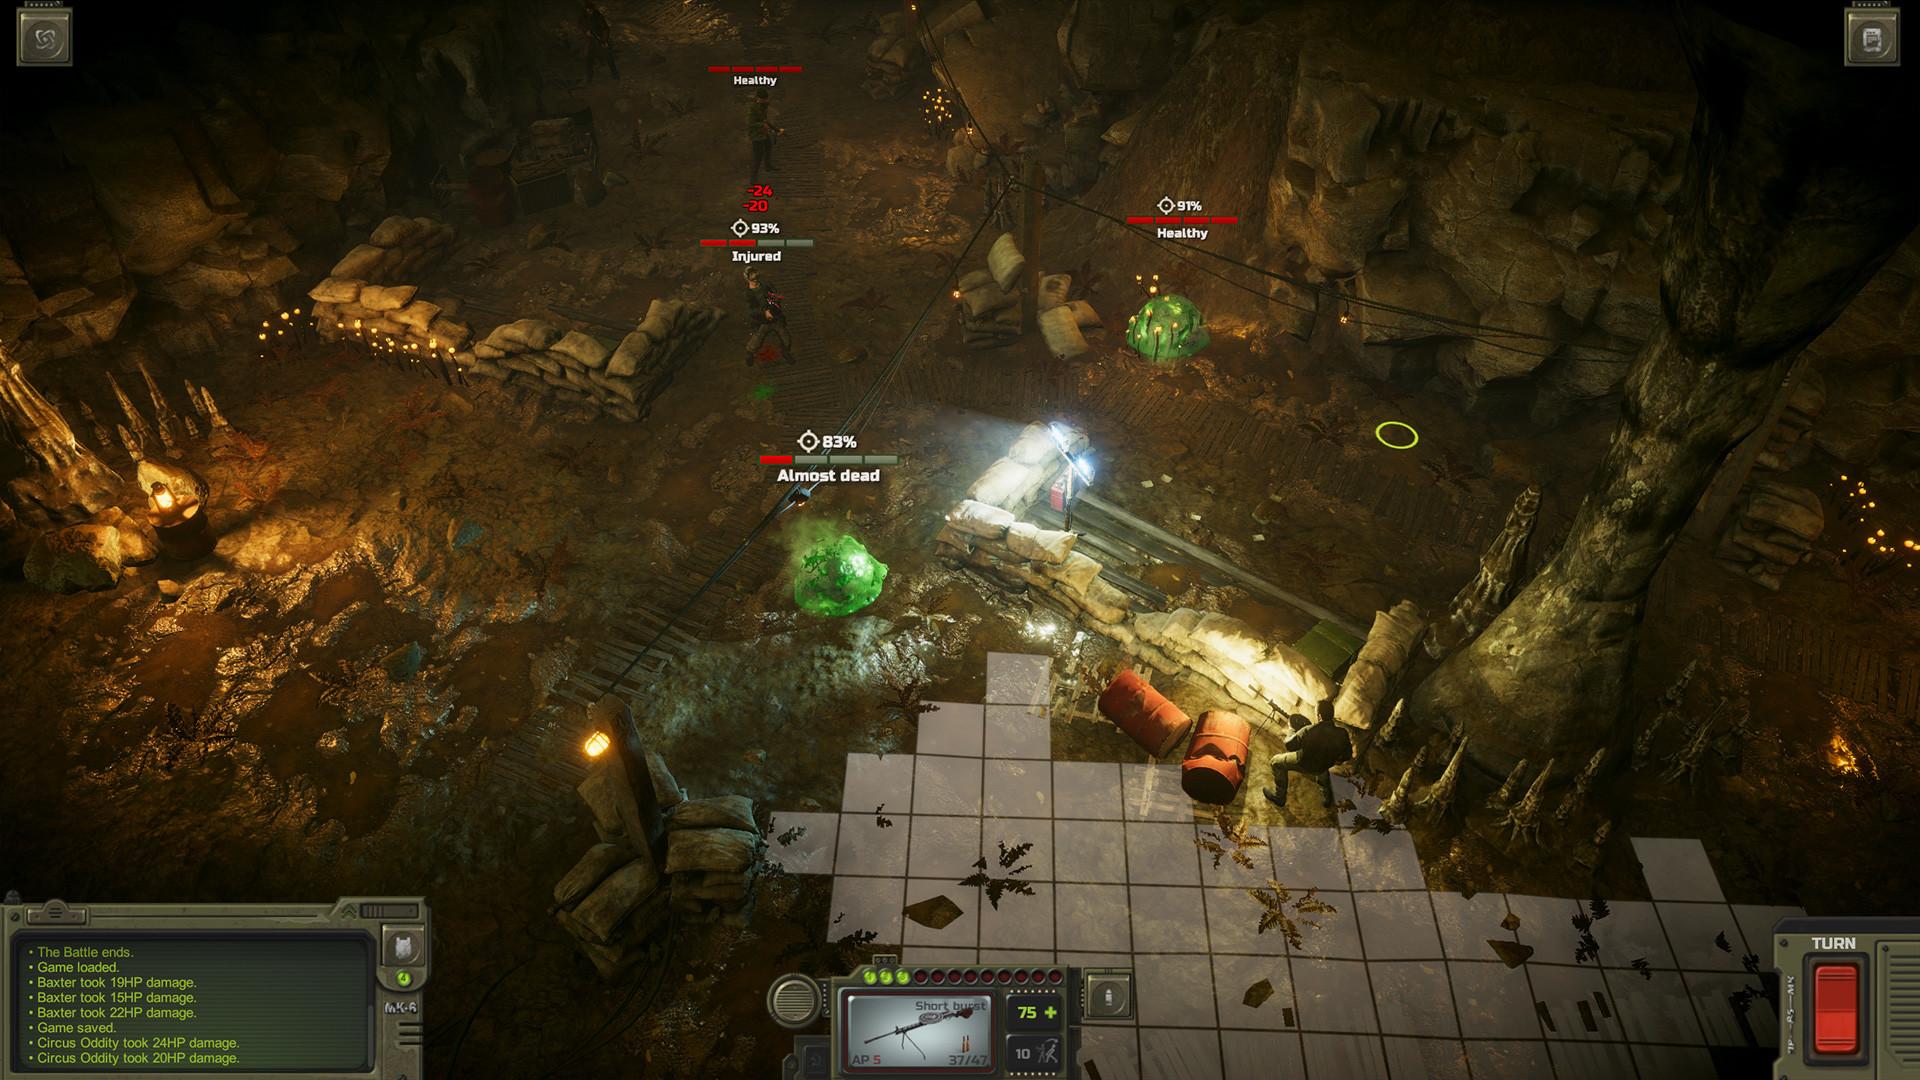 atom-rpg-trudograd-pc-screenshot-4